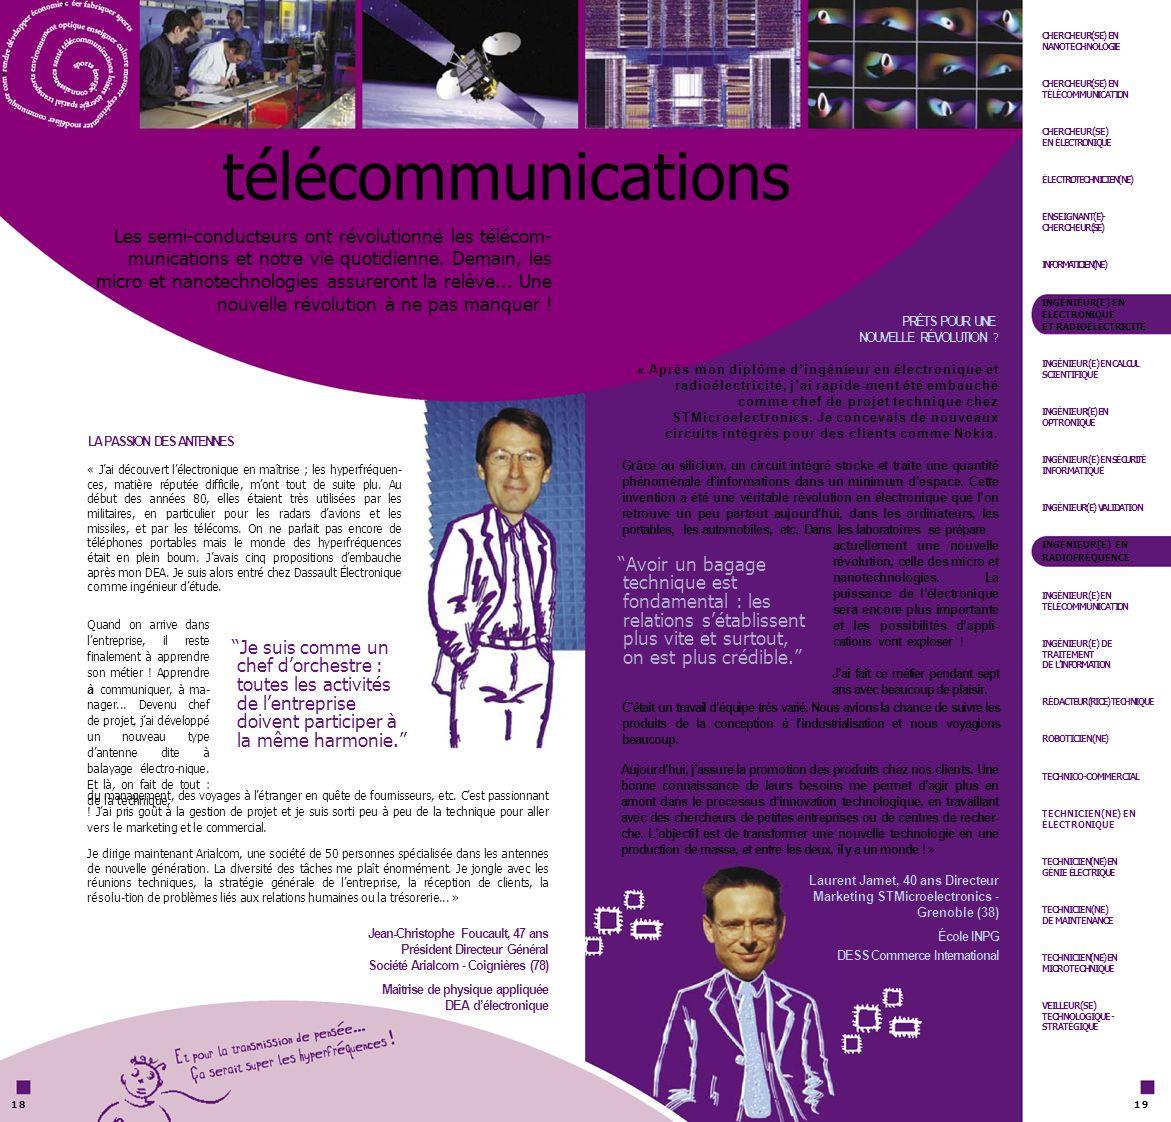 r CHERCHEUR(SE) EN NANOTECHNOLOGIE p CHERCHEUR(SE) EN TÉLÉCOMMUNICATION CHERCHEUR(SE) EN ÉLECTRONIQUE télécommunications ÉLECTROTECHNICIEN(NE) Les sem